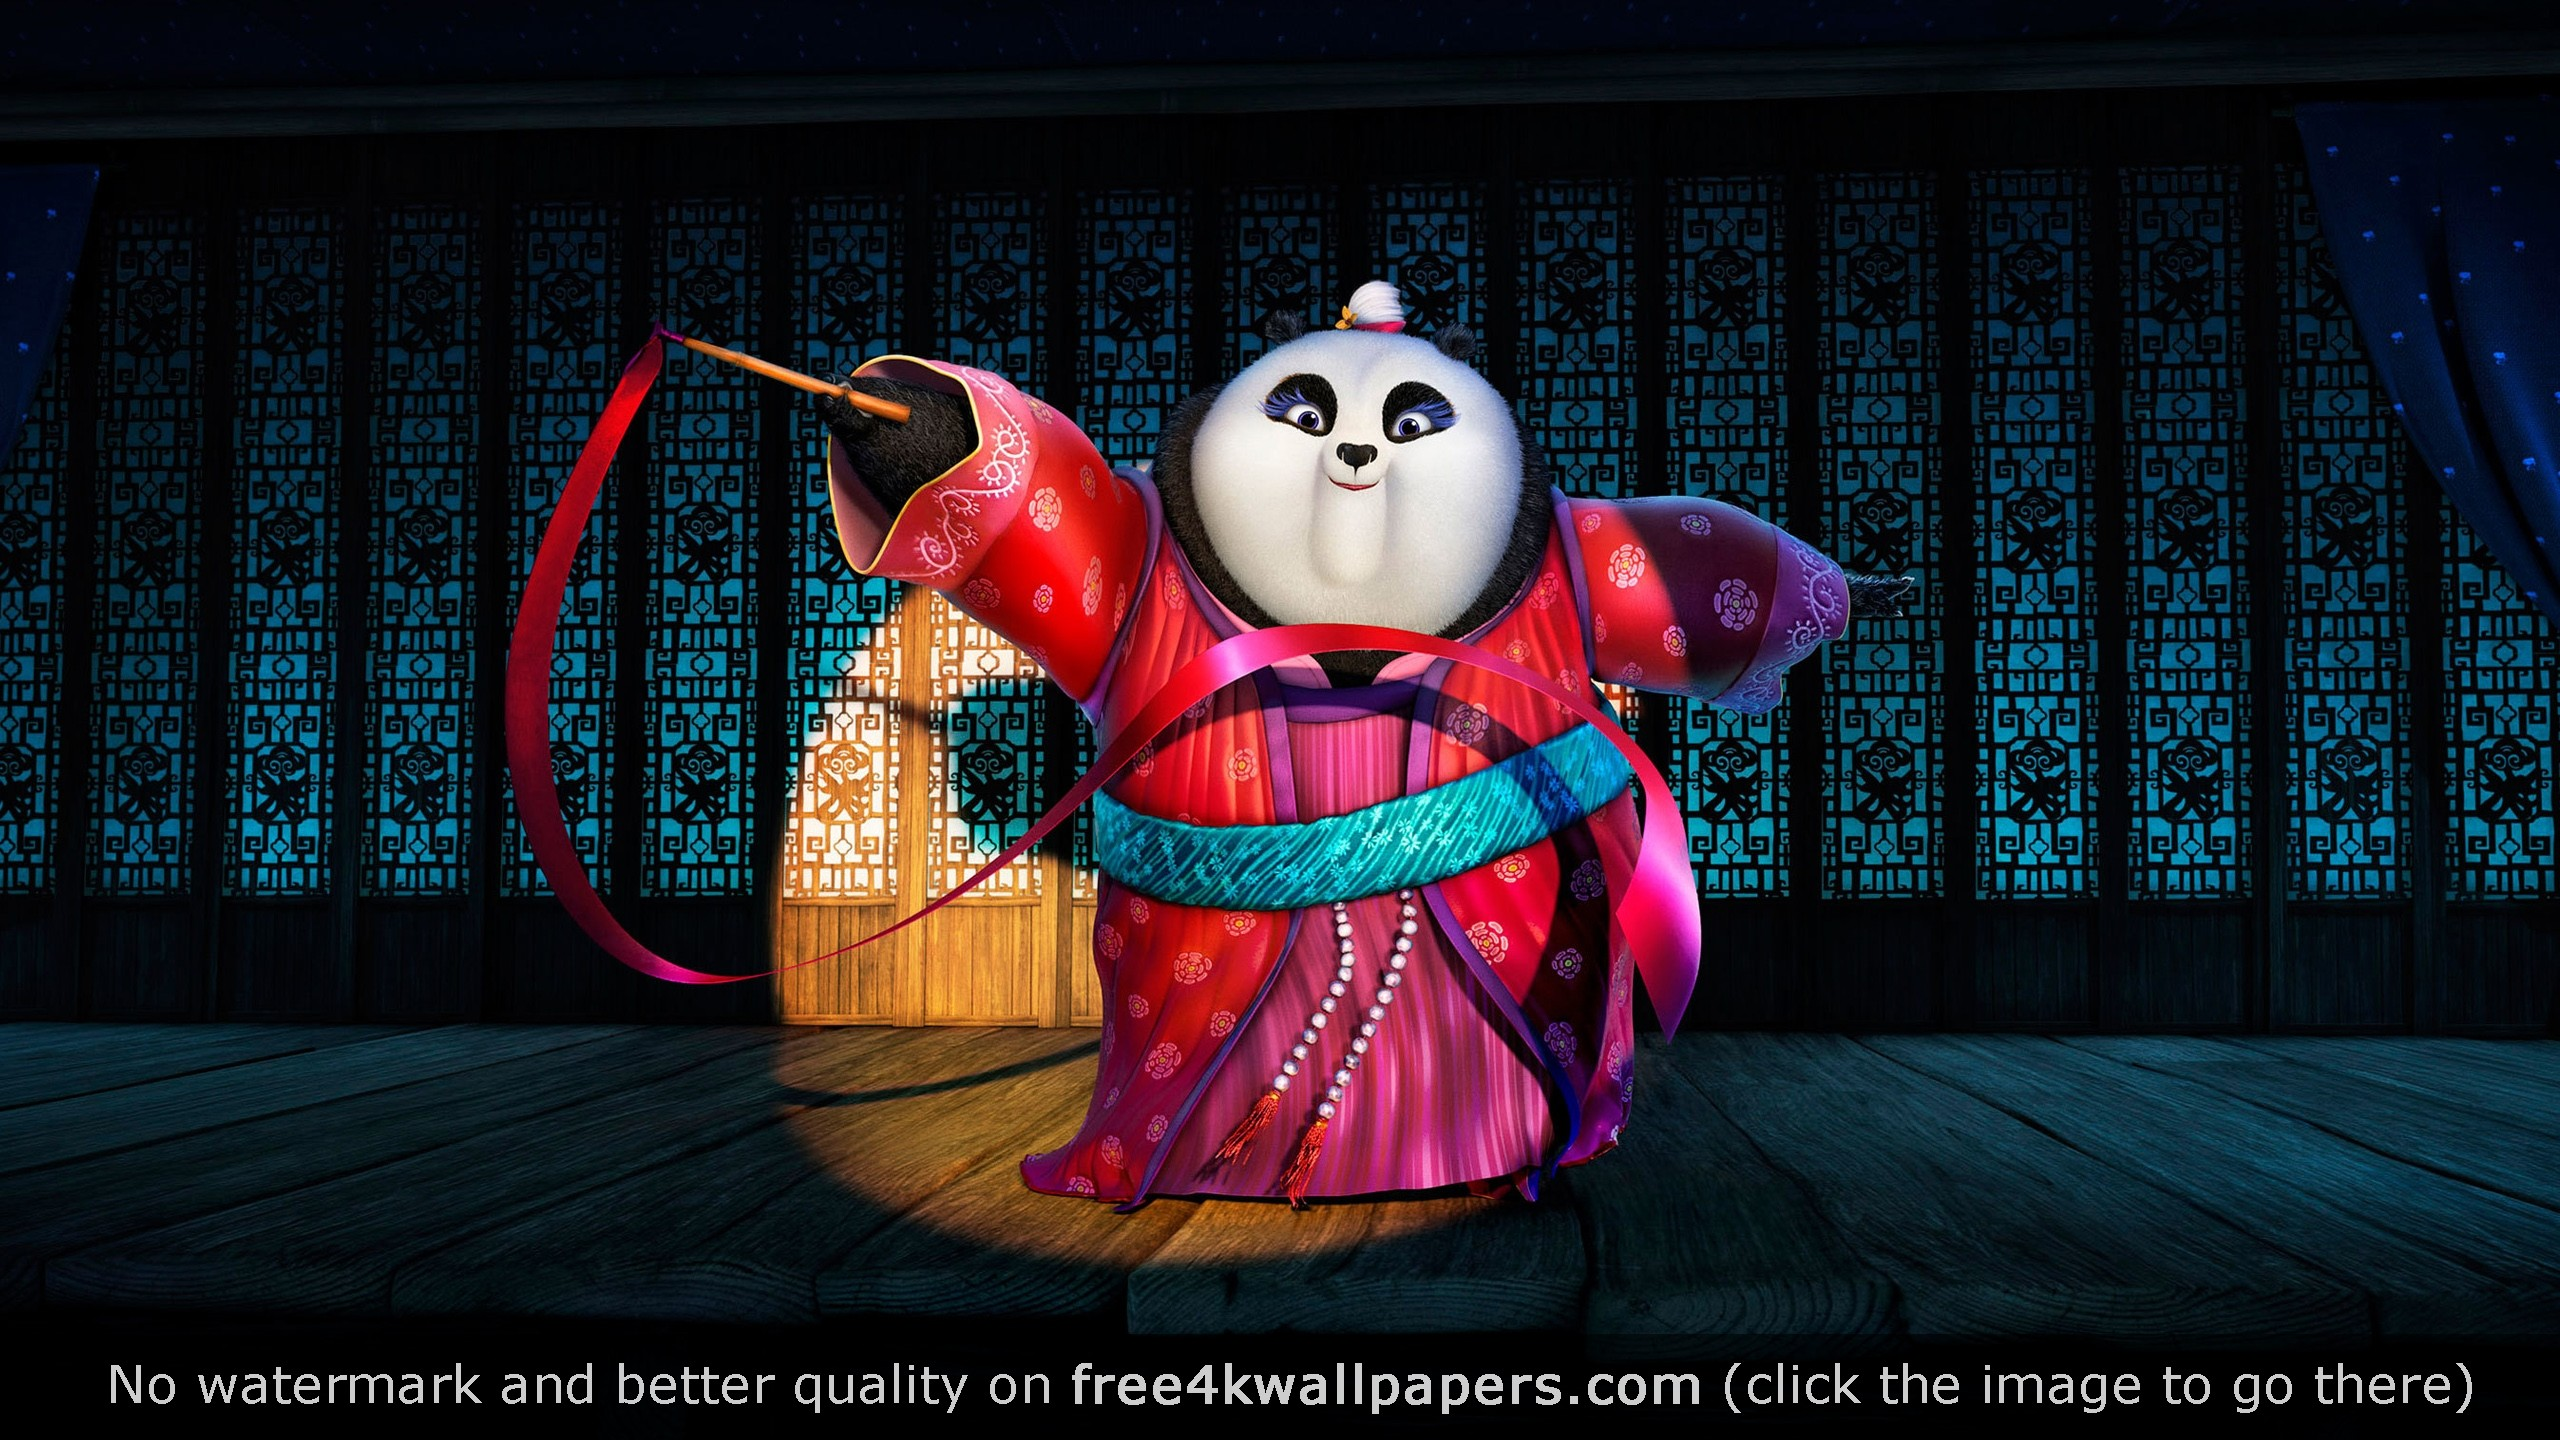 Mei Mei Kung Fu Panda 3 HD wallpaper – Download Mei Mei Kung Fu Panda 3